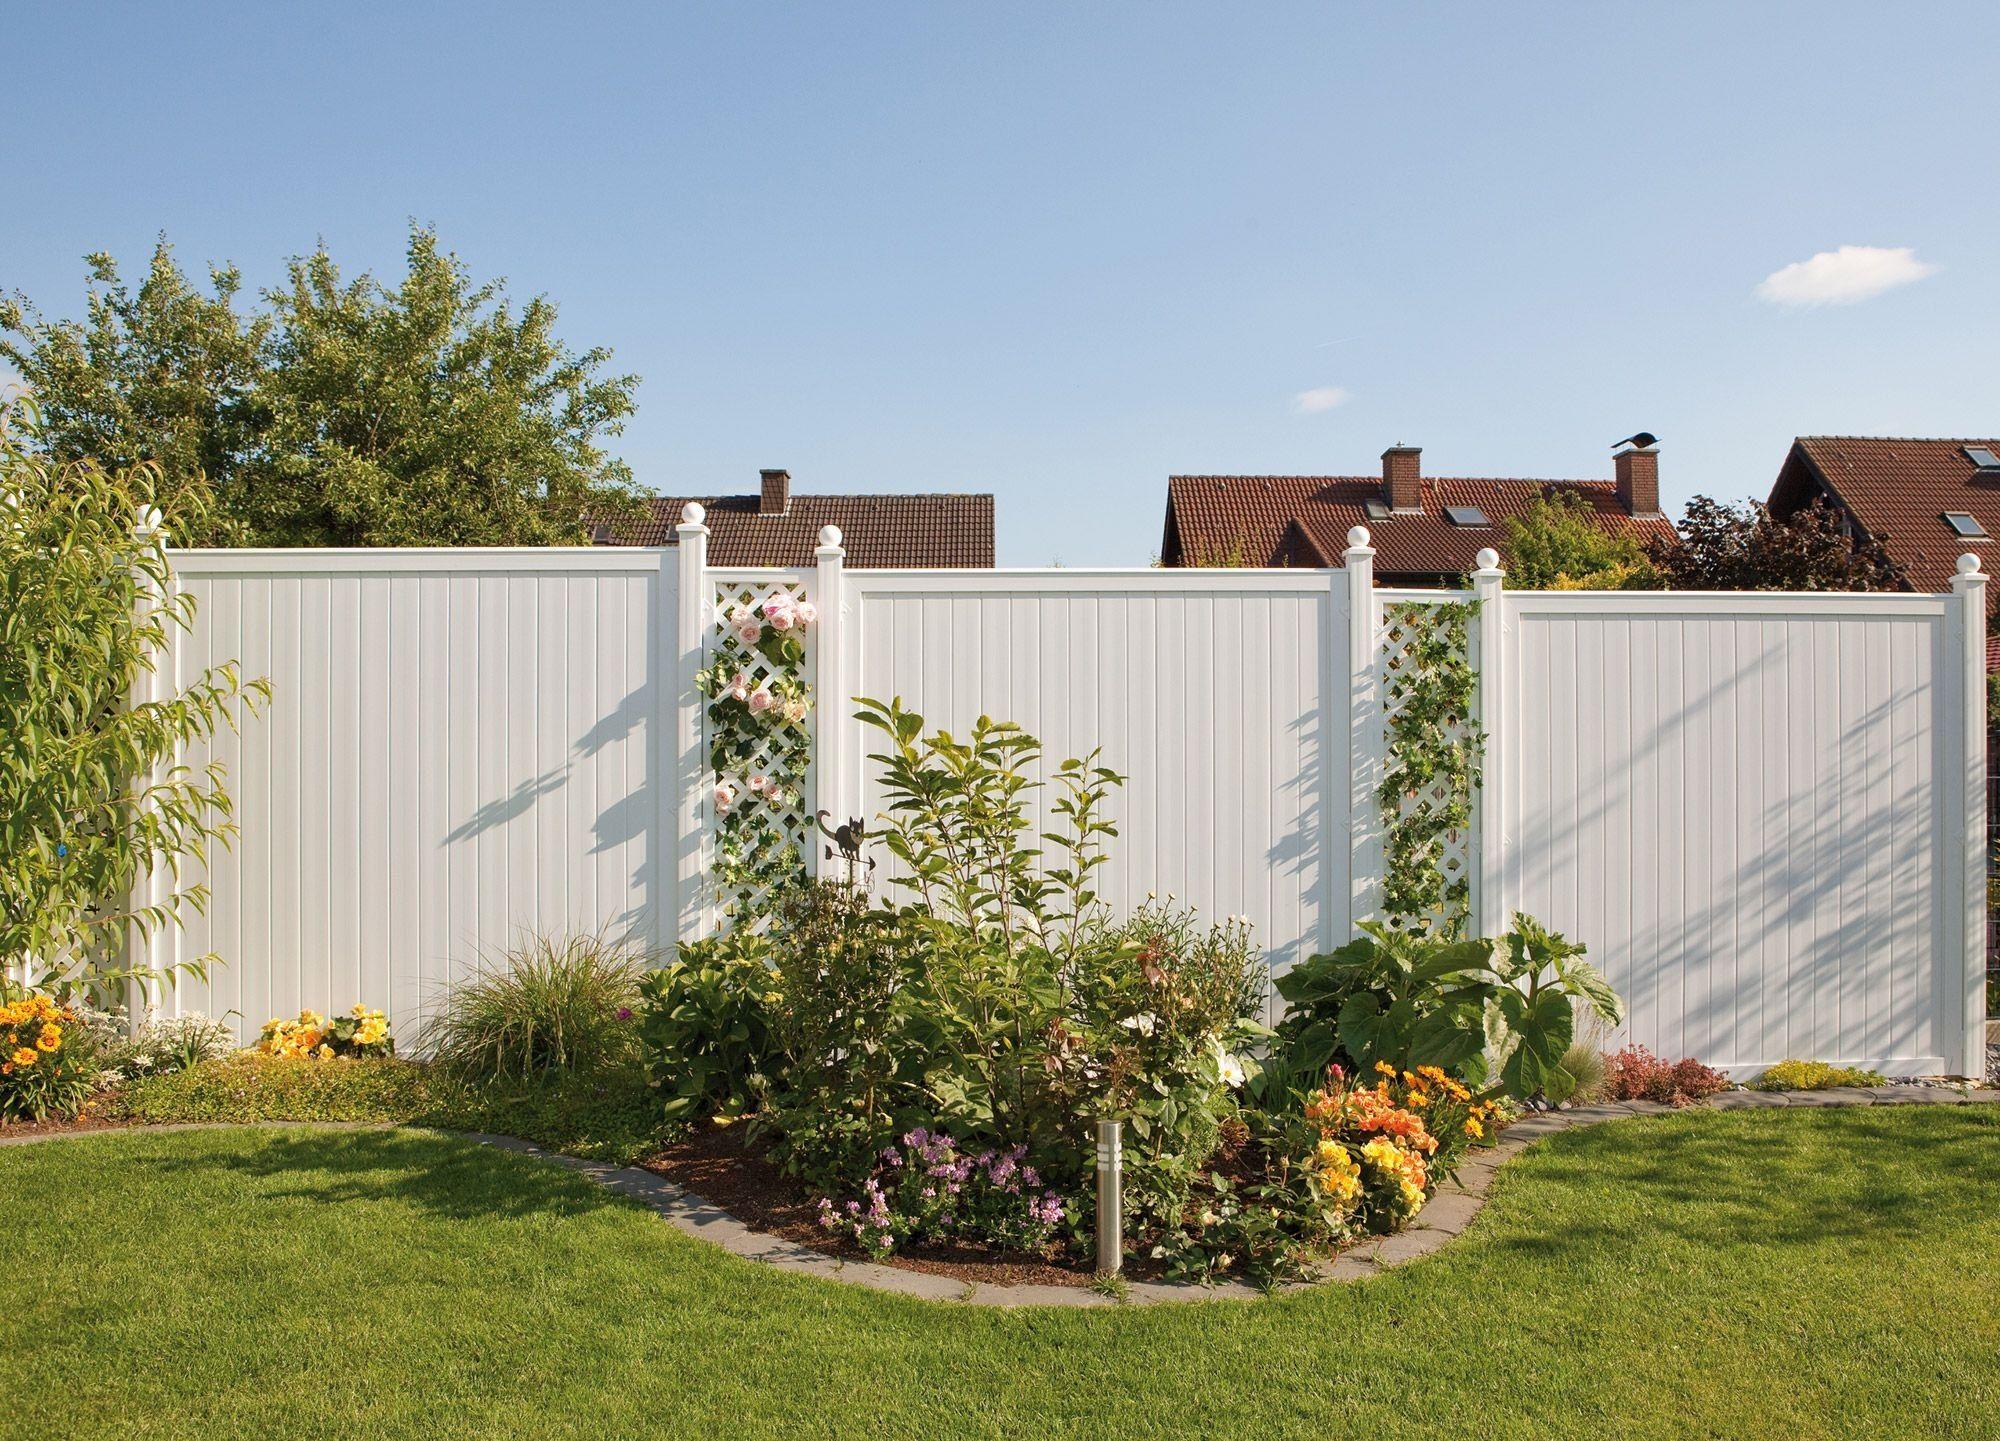 Sichtschutz Garten Holz Weiss Wird Dich Inspirieren Mutige